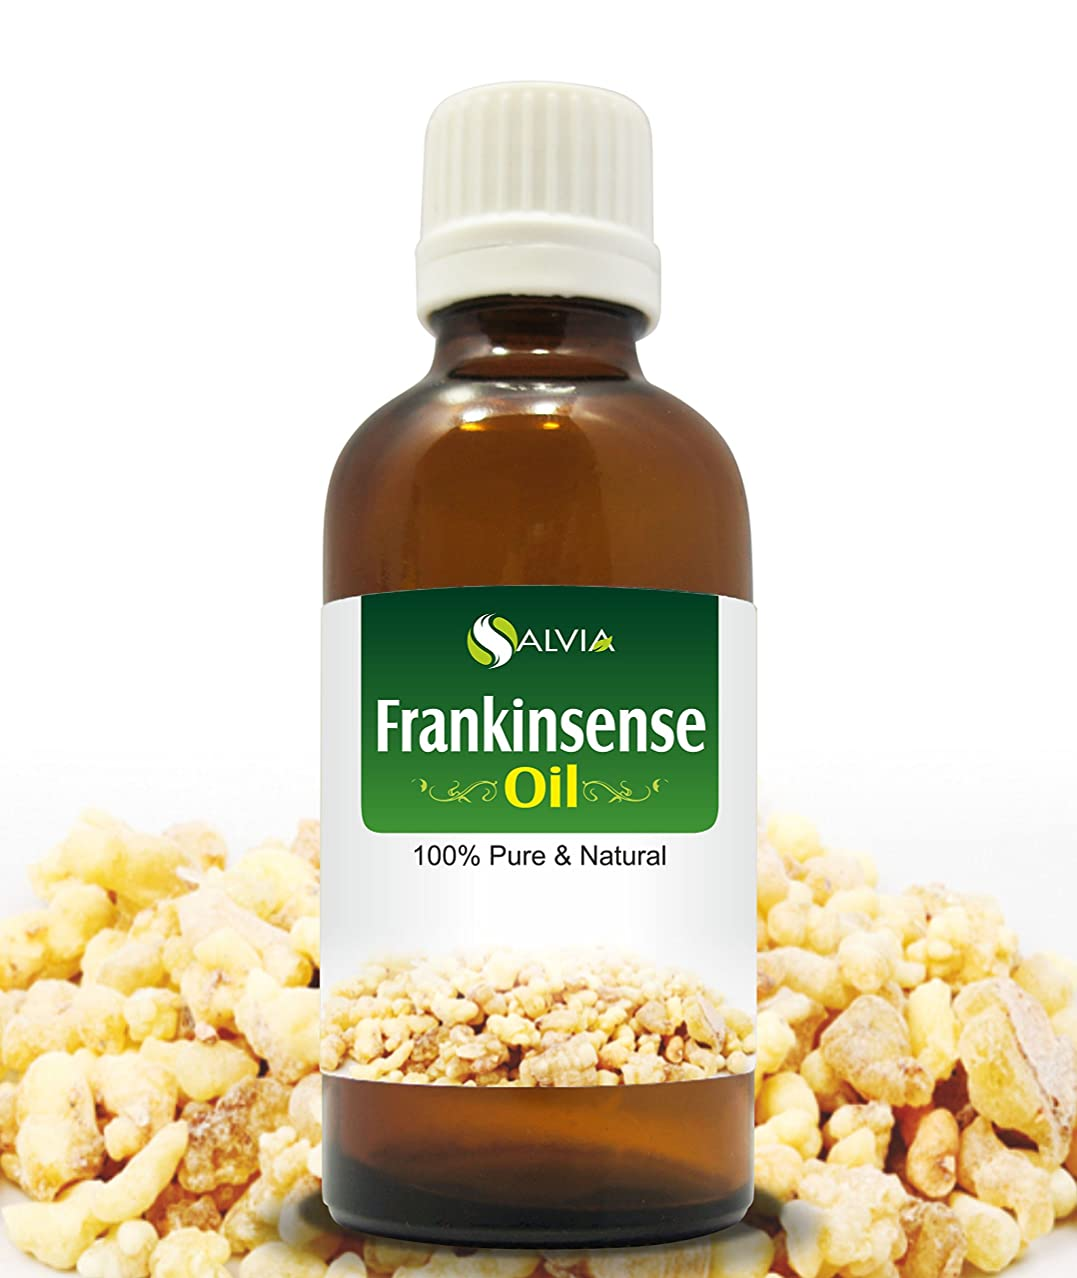 病気のネブキルスFRANKINCENSE OIL 100% NATURAL PURE UNDILUTED UNCUT ESSENTIAL OILS 30ML by SALVIA